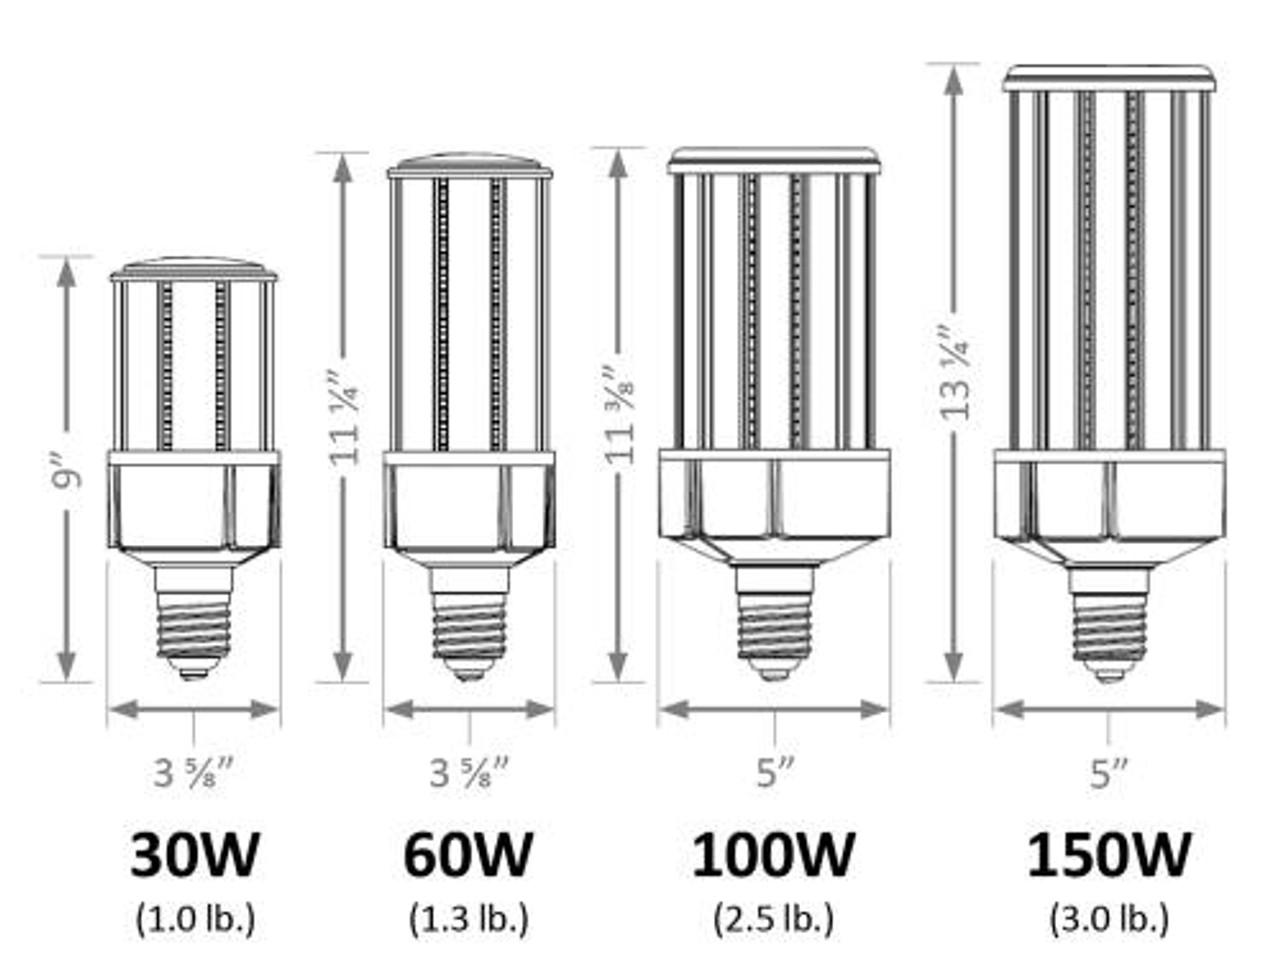 30W LED Corn Bulb 3373 lumens, 5000 kelvin, 120-277V, Mogul Base (E39) - (UL+DLC)